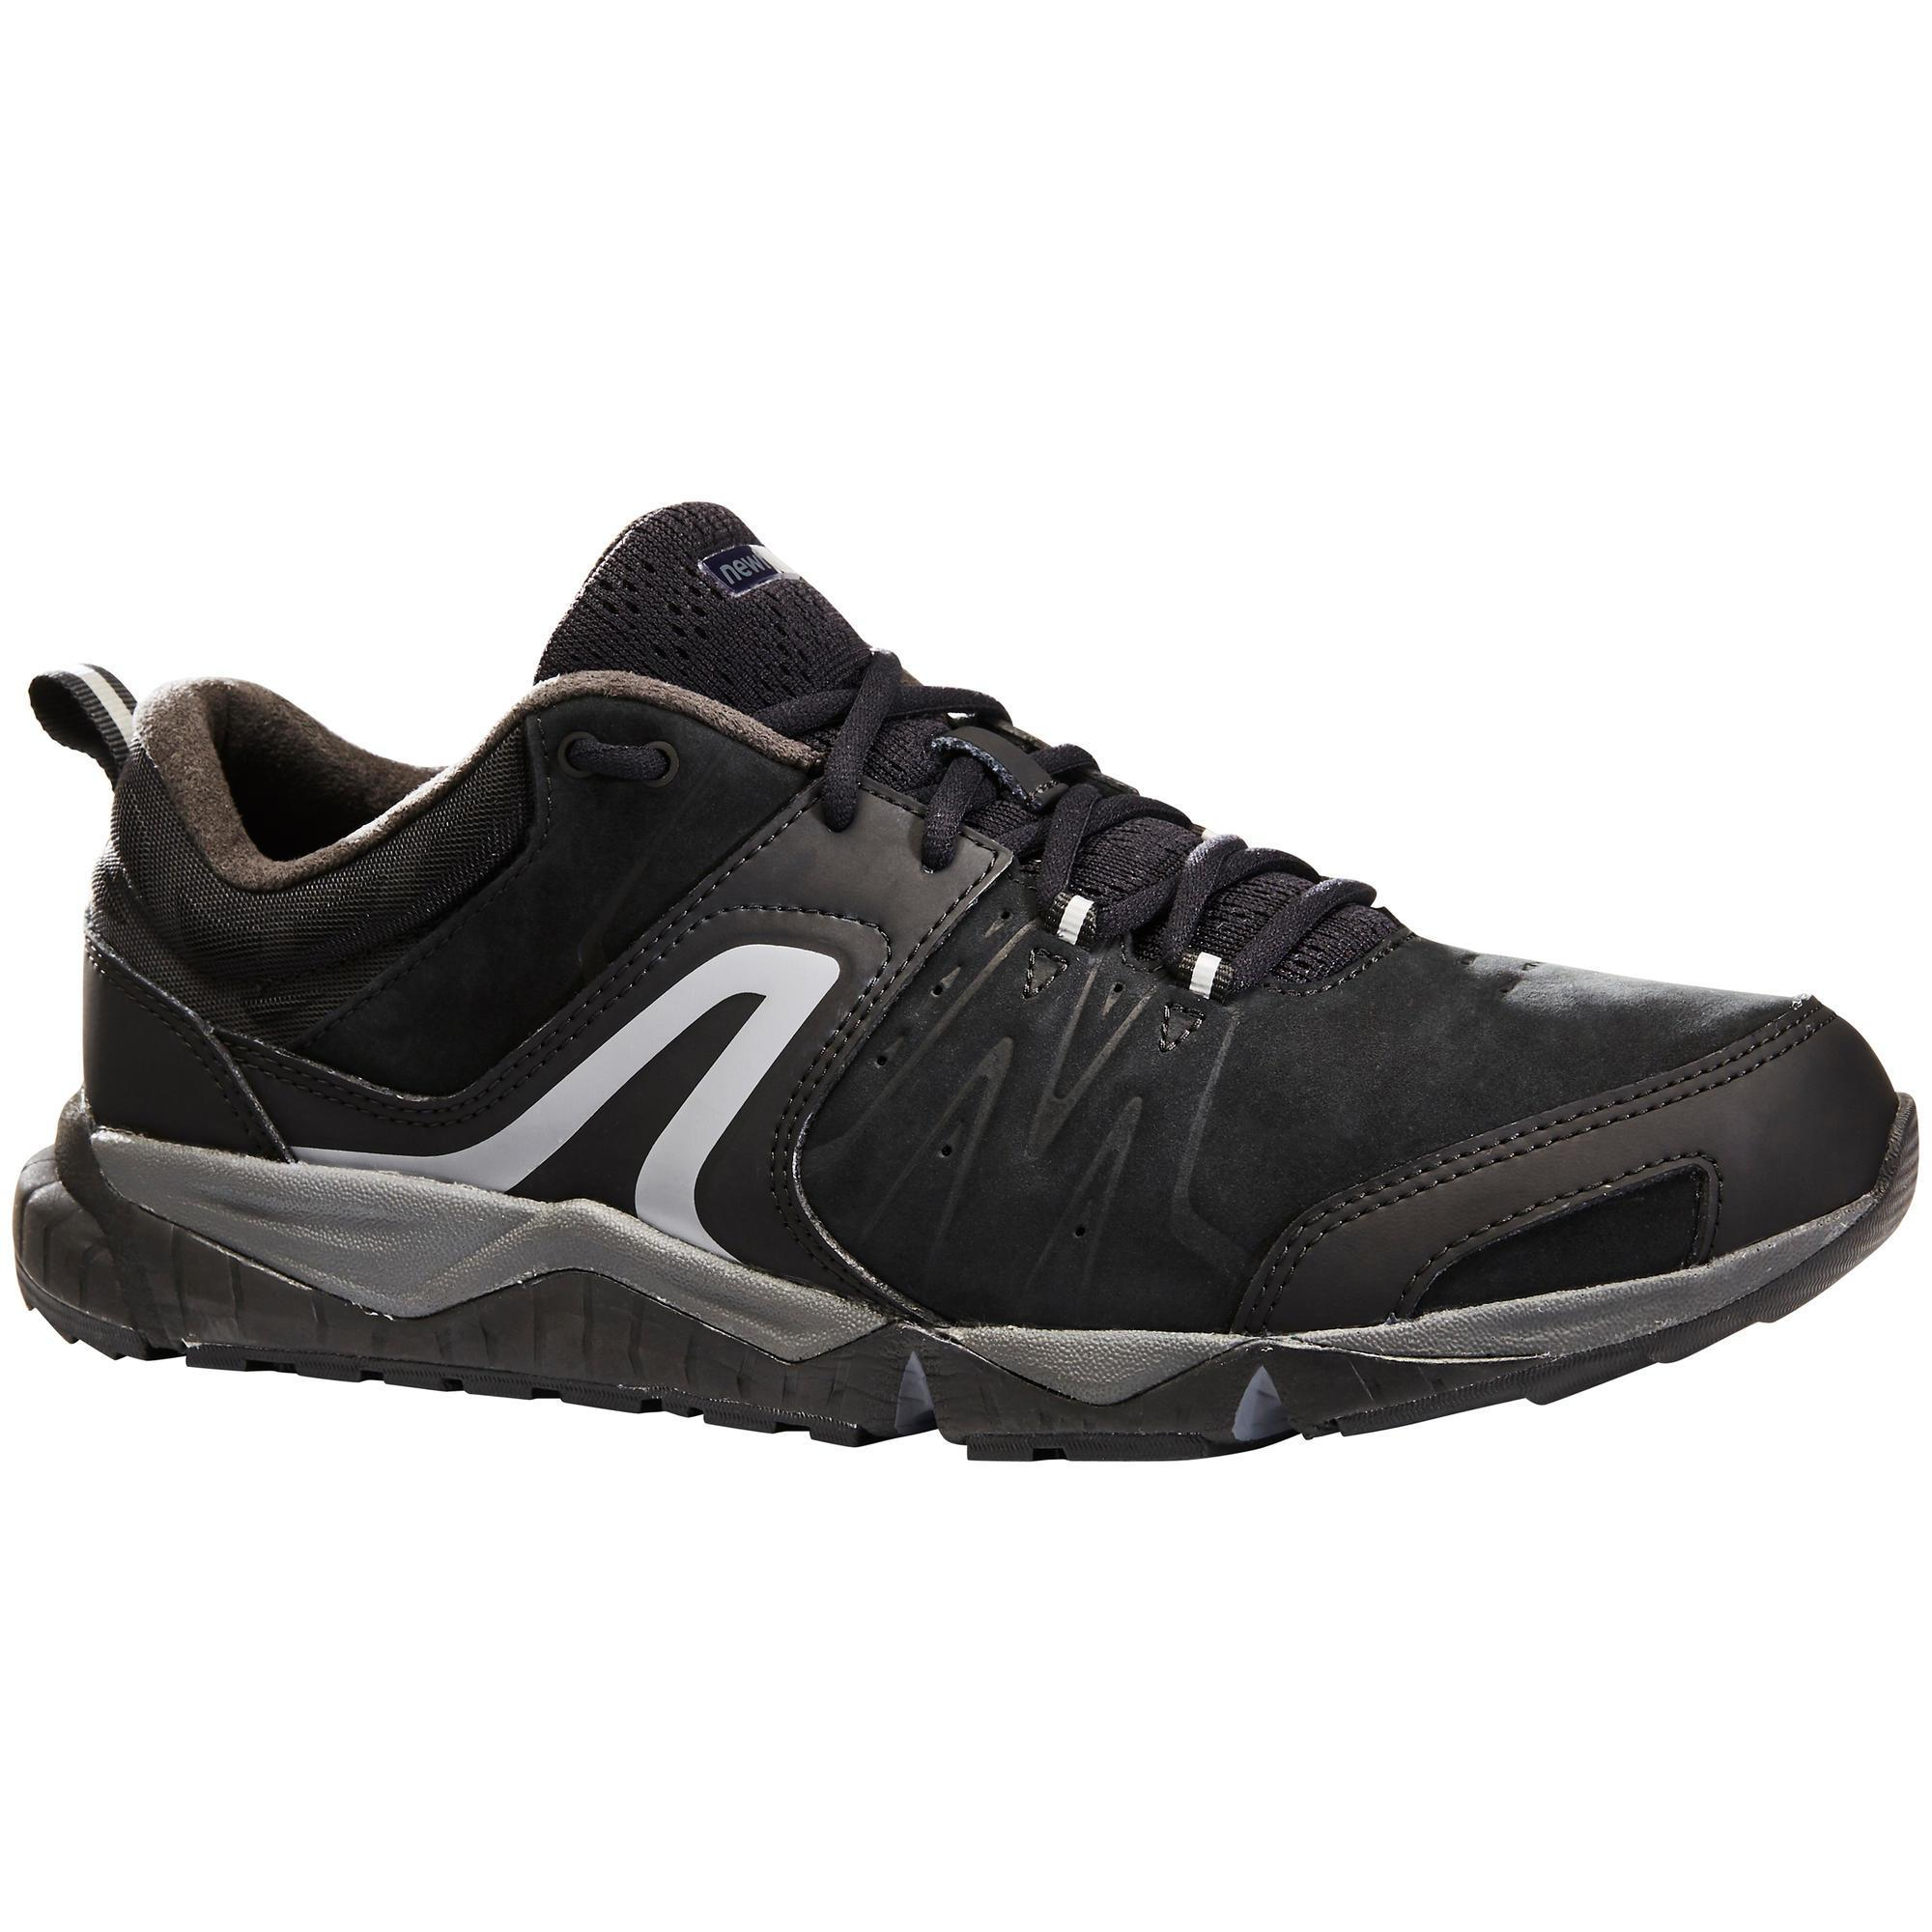 16aaed6ad Comprar Zapatillas de Marcha Hombre Online